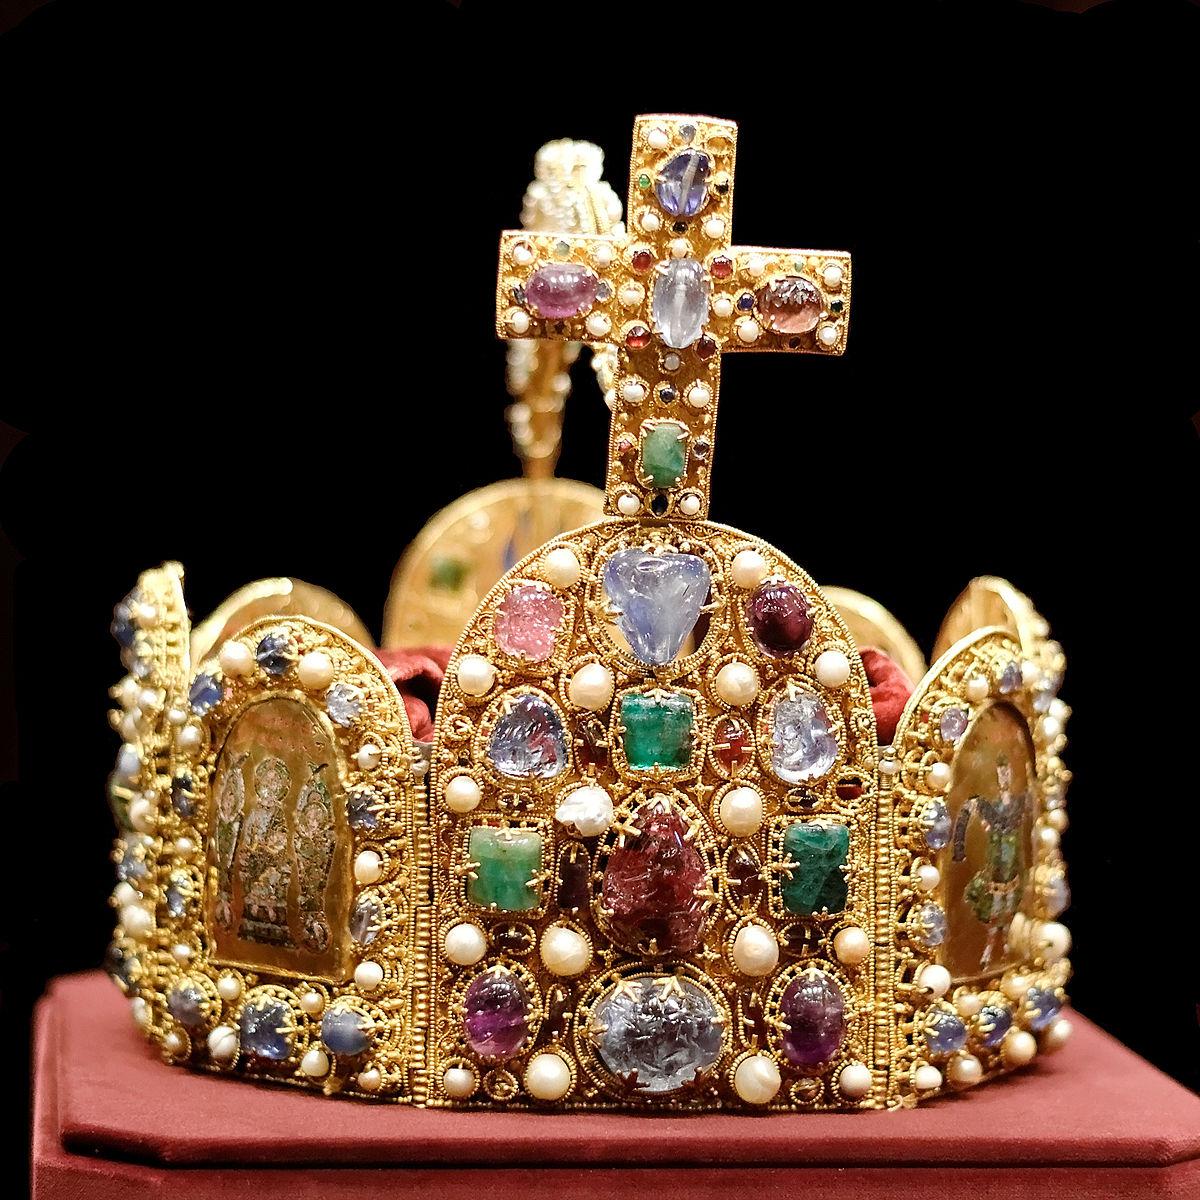 Couronne du saint empire wikip dia - Image couronne des rois ...